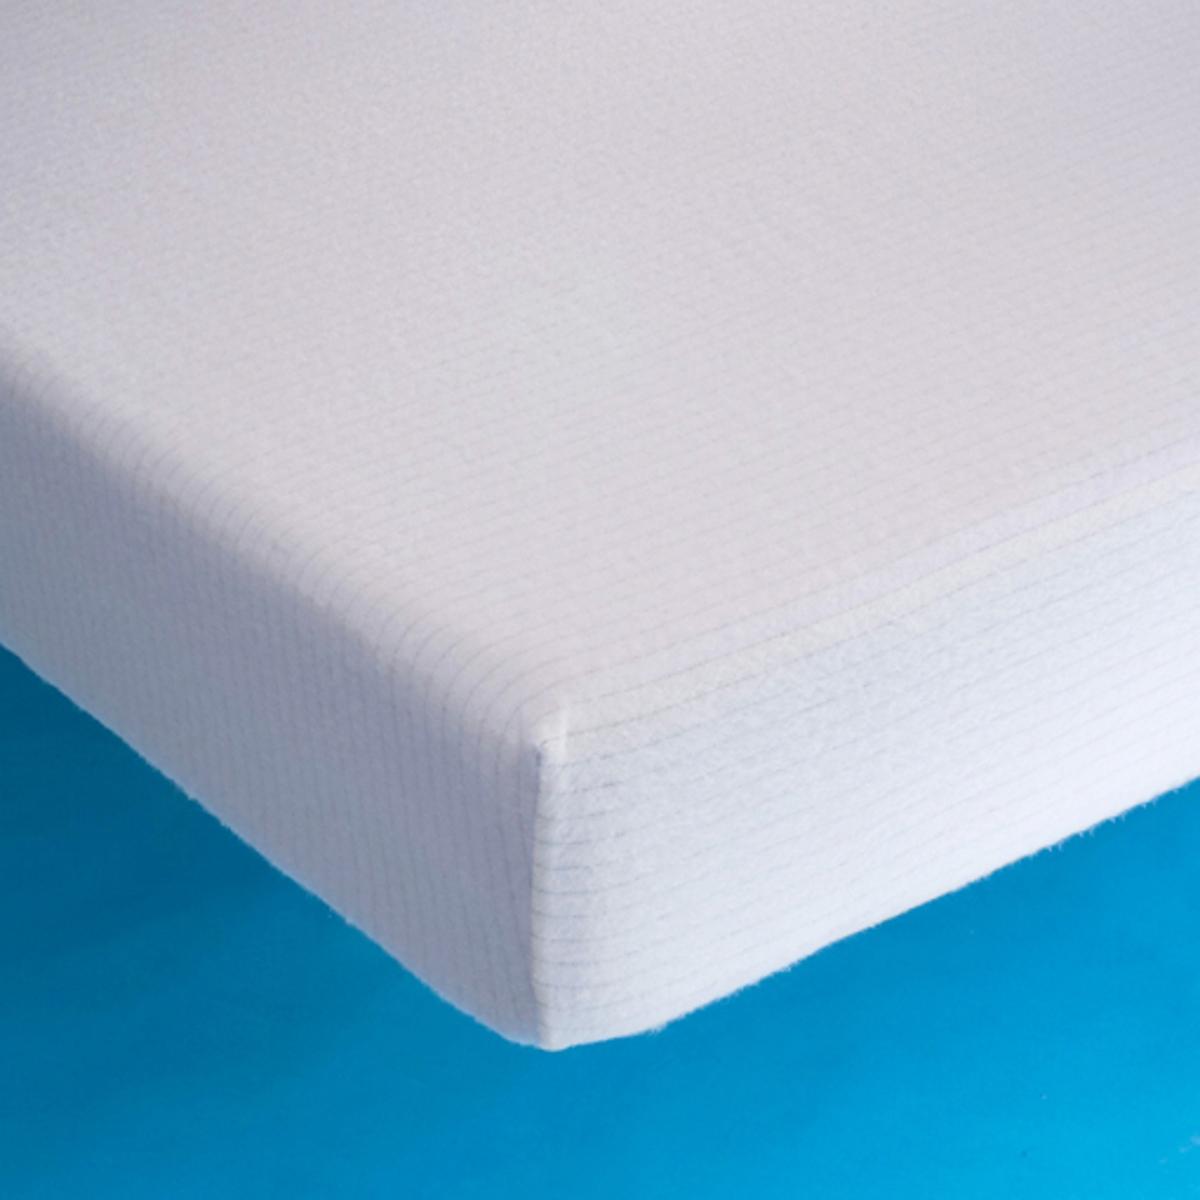 Чехол защитный для матраса из эластичного джерсиЗащитный чехол для матраса из эластичного джерси, легкий уход, комфортный и впитывающий, защищает Вашу постель от бактерий и клещей.Подстилка в форме чехла из эластичного джерси, 100% хлопок.Эластичный клапан 27 см. Машинная стирка при 60 °С для идеальной чистоты.Защитный чехол для матраса из эластичного джерси отмечен знаком VALEUR S?RE.<br><br>Цвет: белый